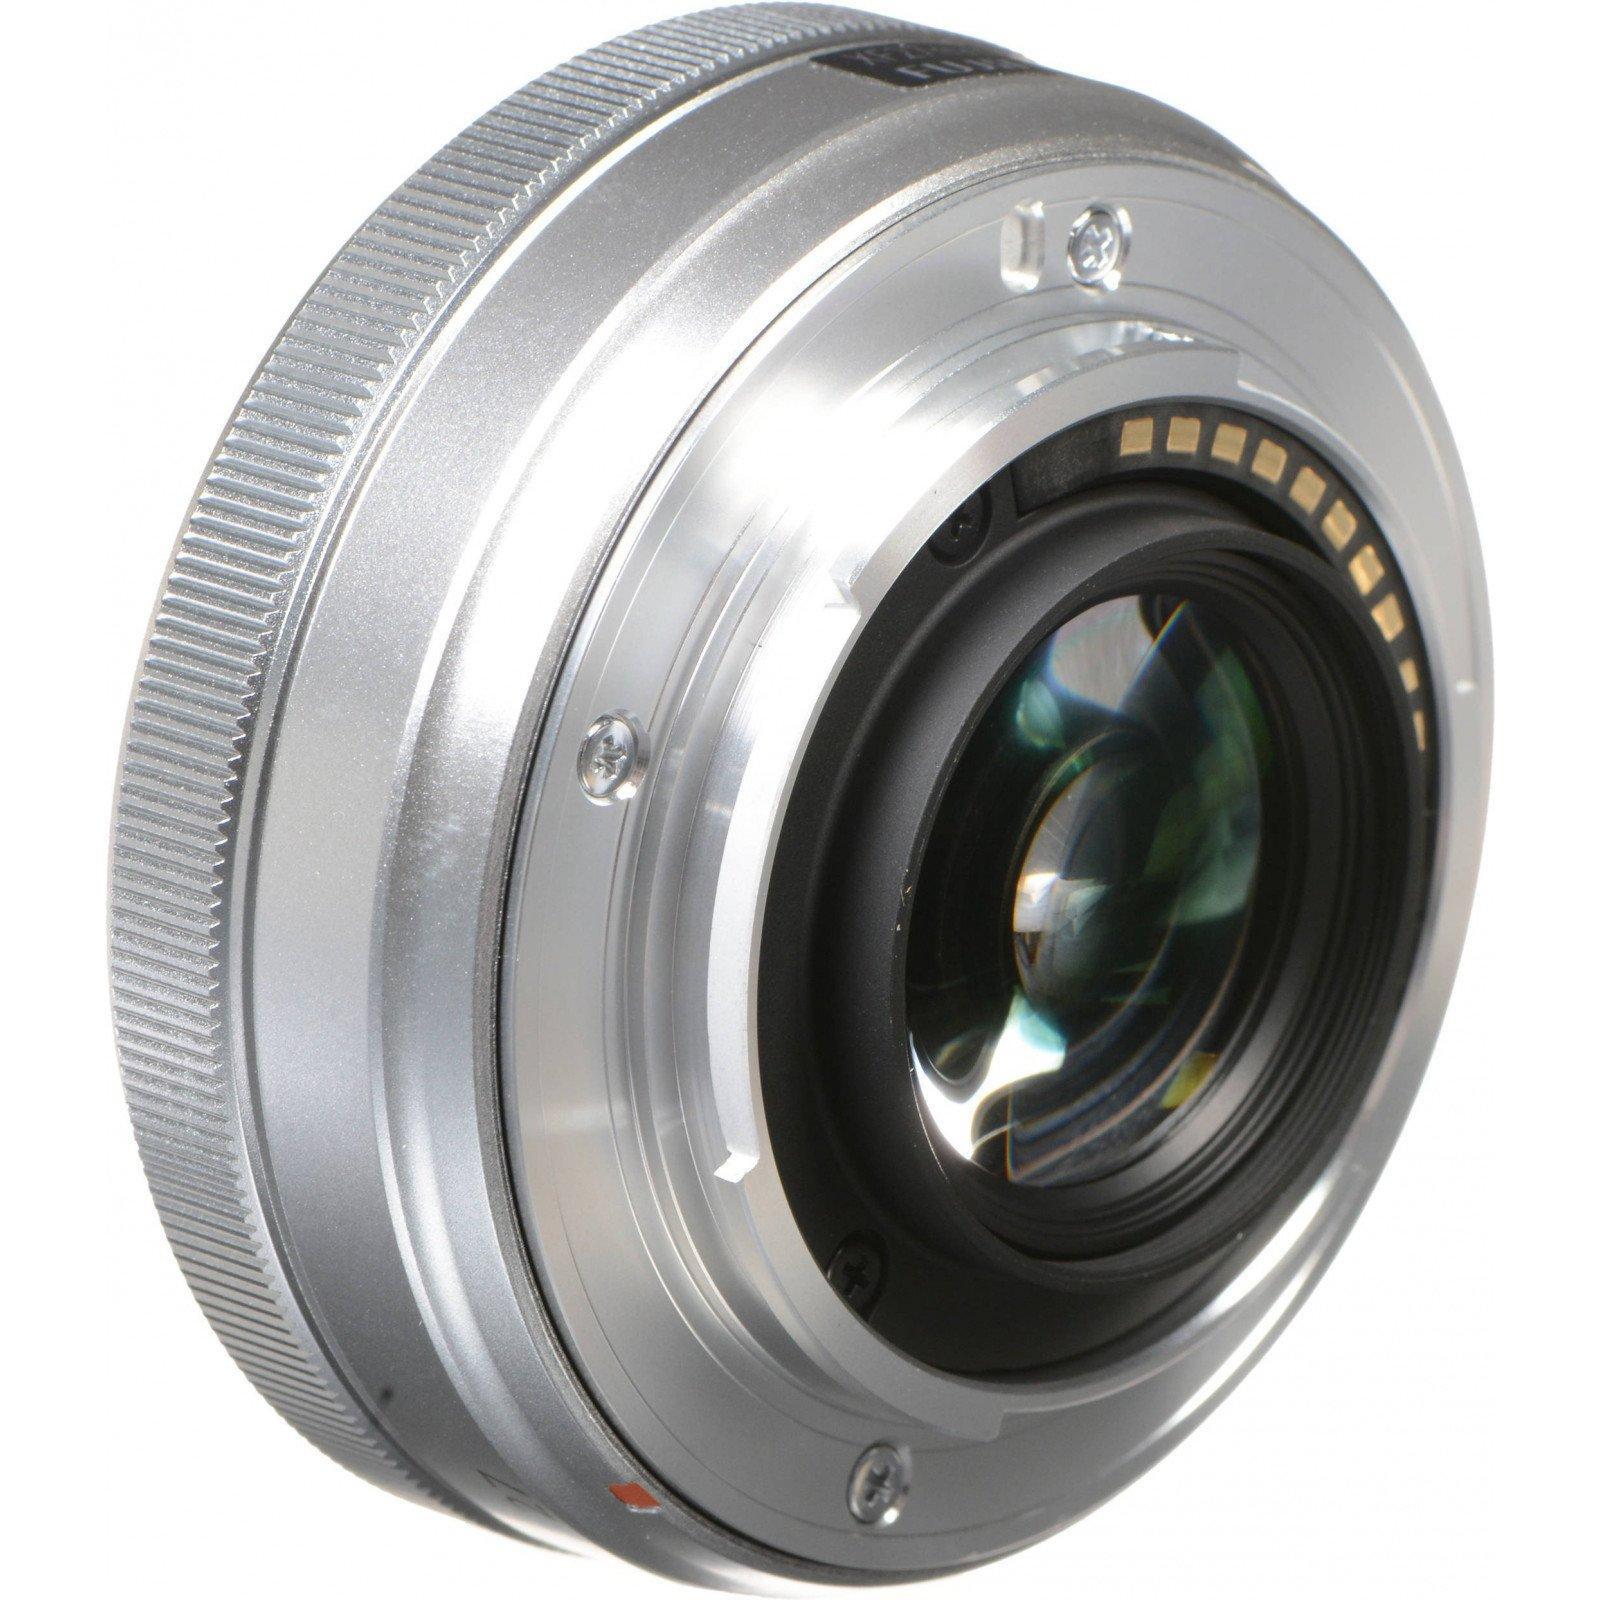 Объектив Fujifilm XF 27mm F2.8 Silver (16537718) изображение 2